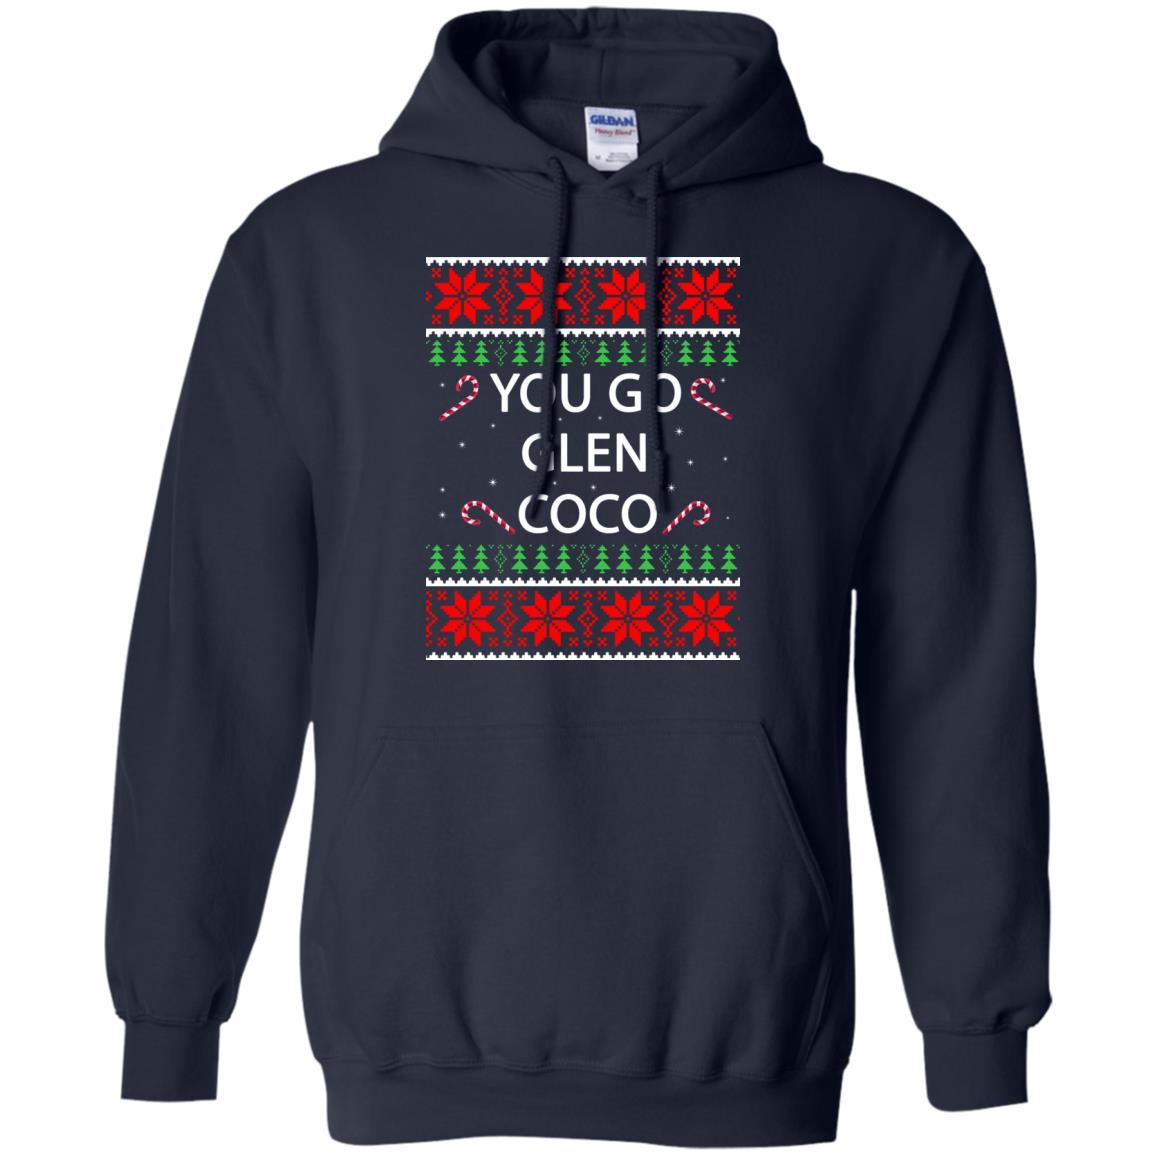 image 3151 - You Go Glen Coco Sweatshirts, Hoodie, Tank